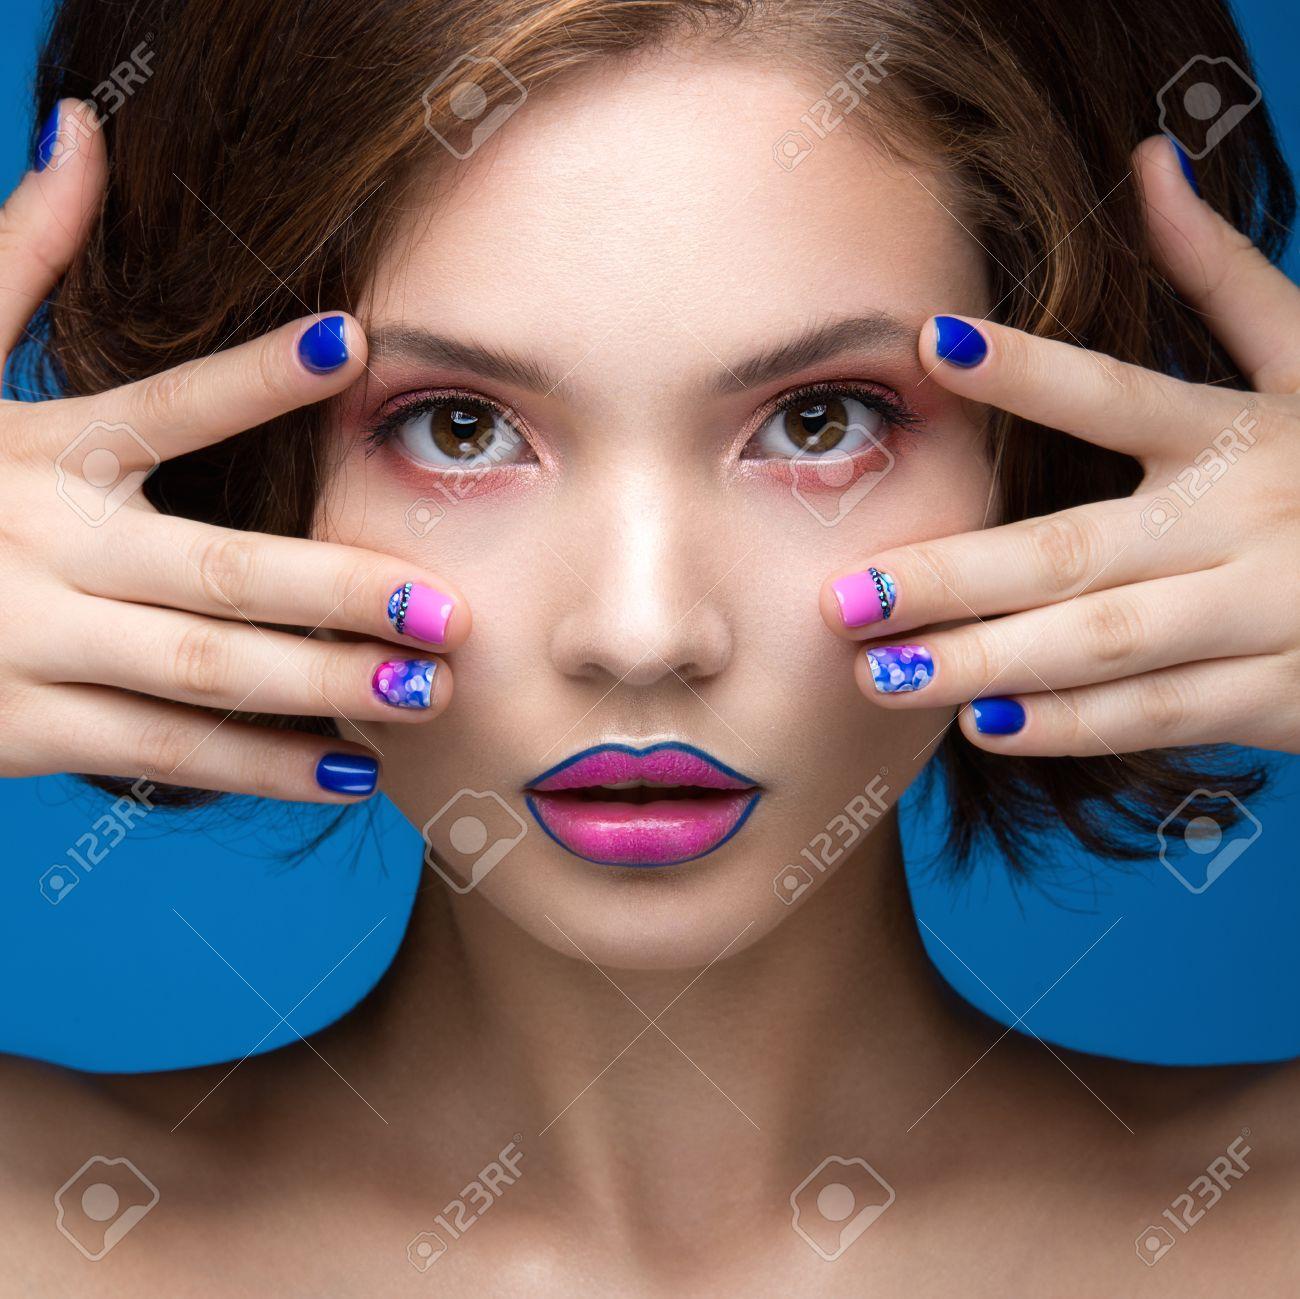 写真素材 , 明るいメイクやネイルの色と美しいモデルの女の子。美容顔。短いカラフルな爪。青色の背景のスタジオでの撮影。